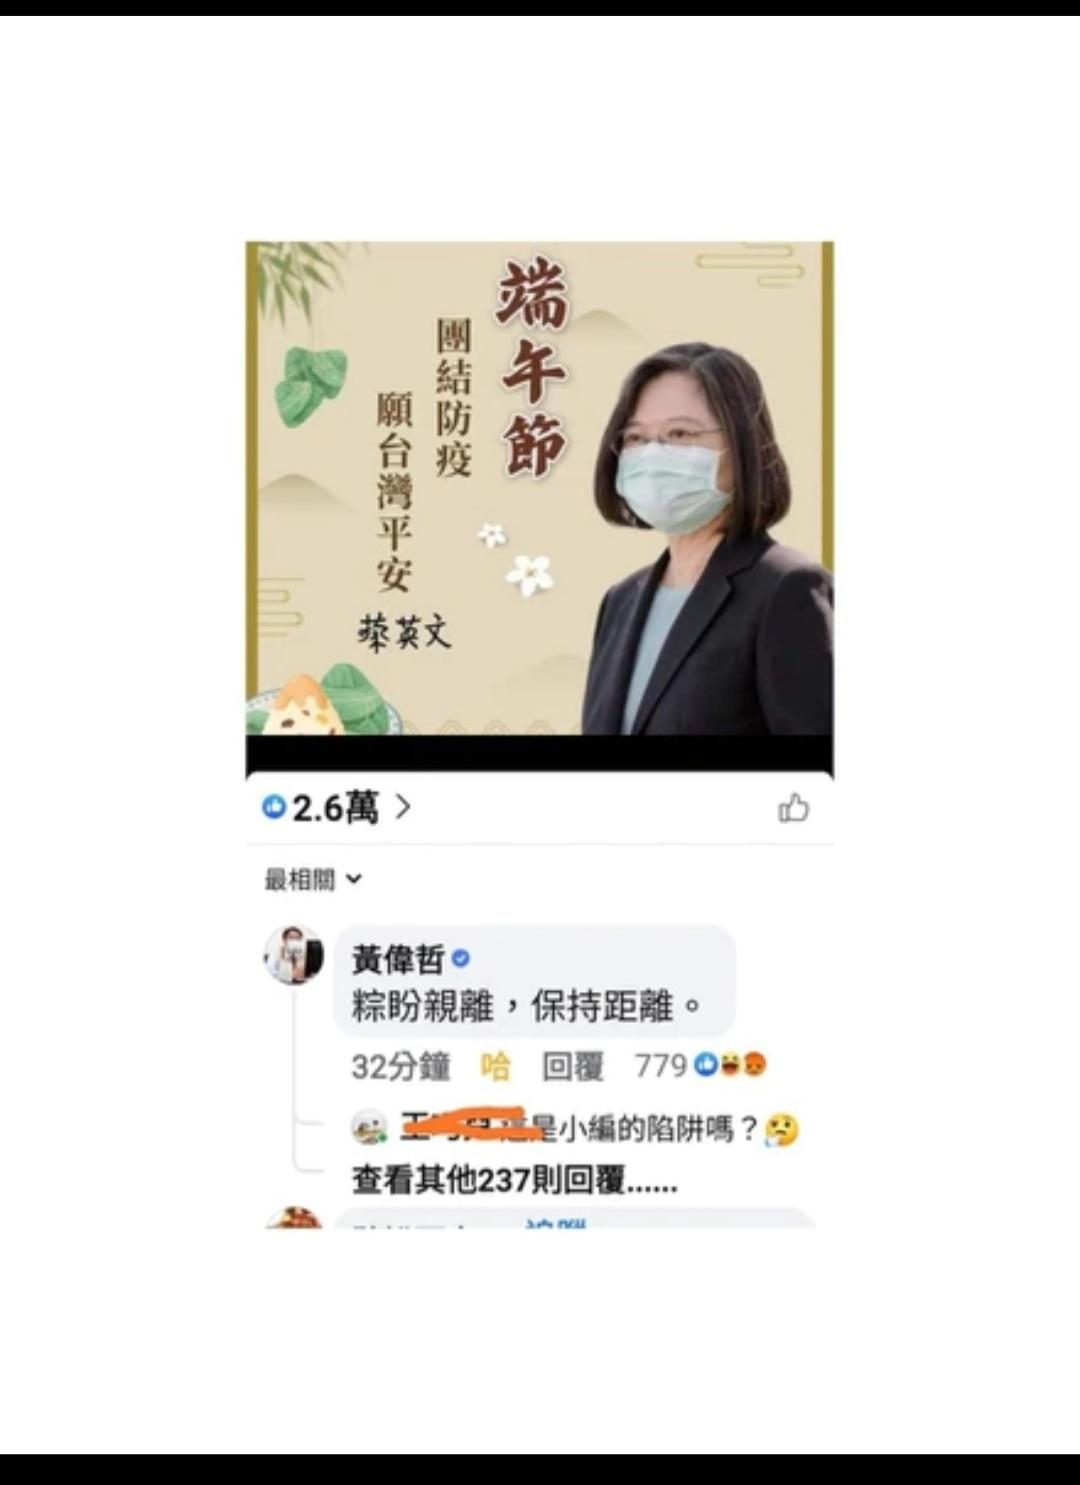 [新聞] 起底黃偉哲小編 20多歲女性引發「粽」怒